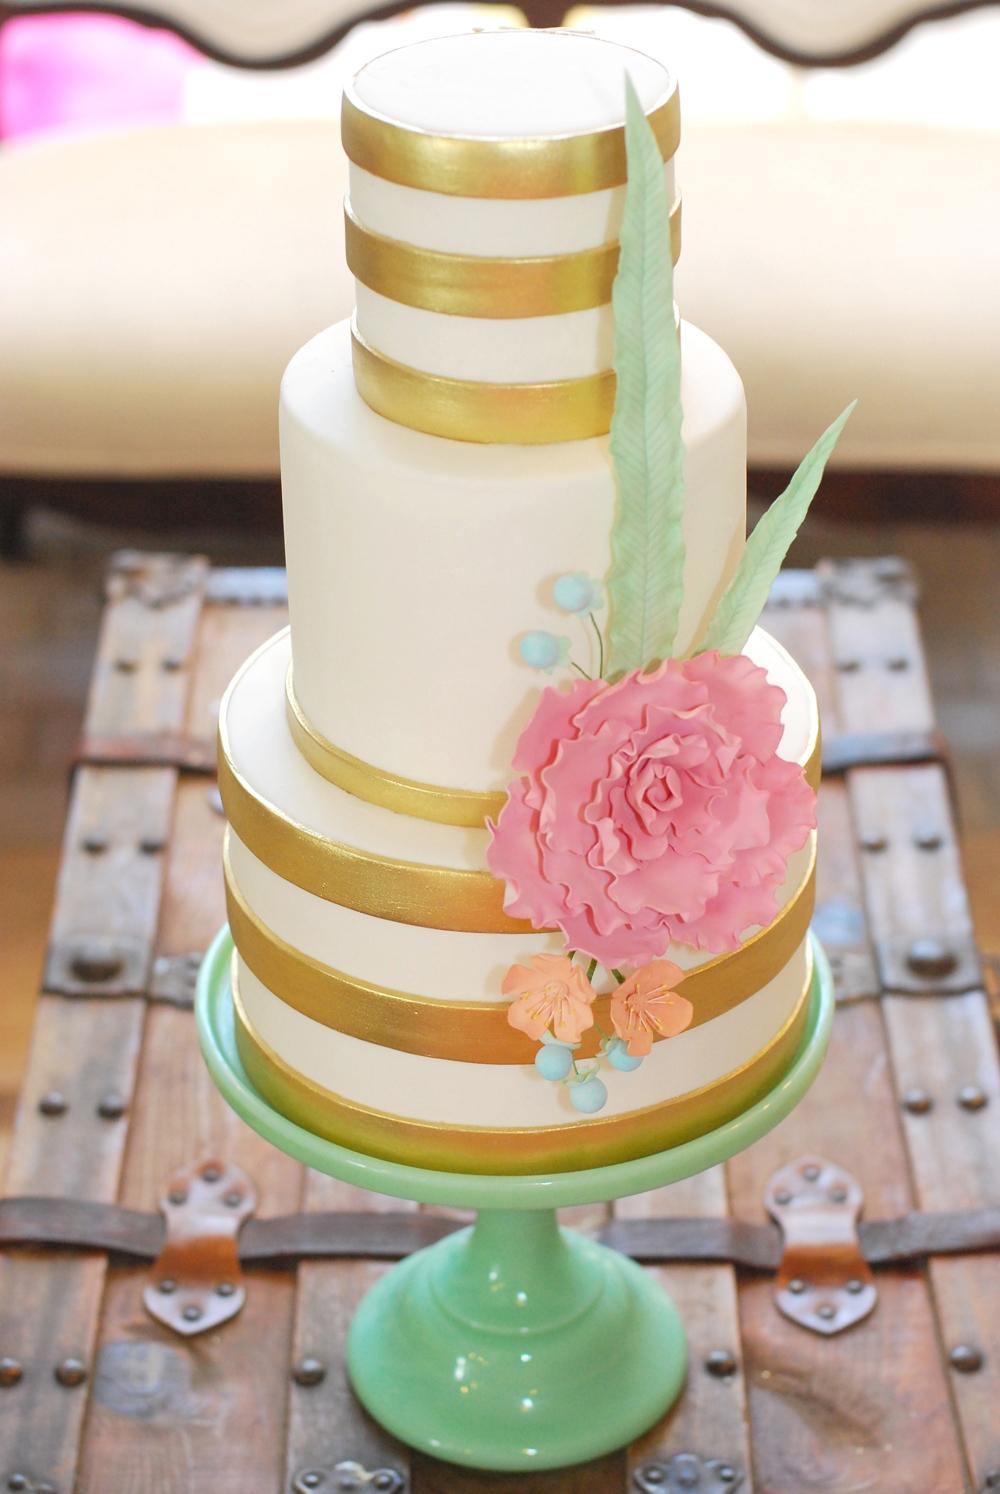 Wedding Cake Richmond Va Metallic Gold Stripe With Pastel Gumpaste Floral Arrangement Jadeite Pedestal Vintage Glam Sweet Fix